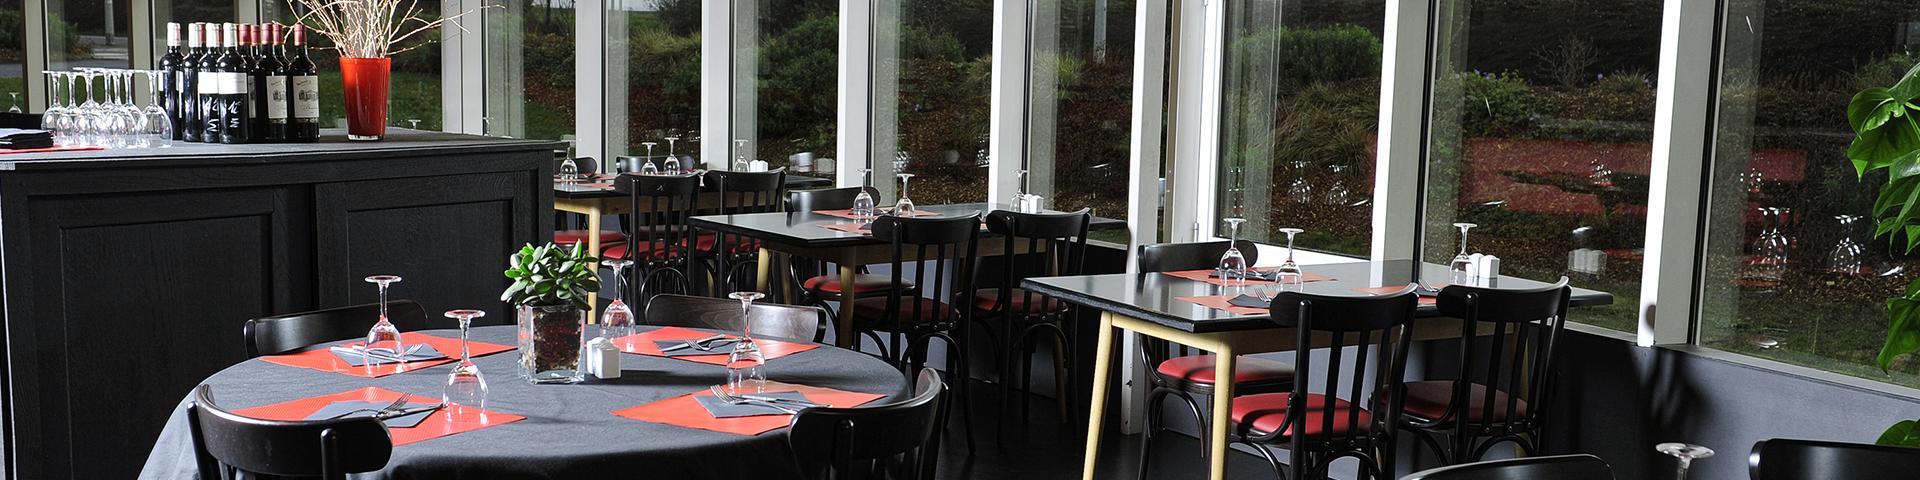 restaurant traiteur et location de salle l 39 entrep t lannion. Black Bedroom Furniture Sets. Home Design Ideas